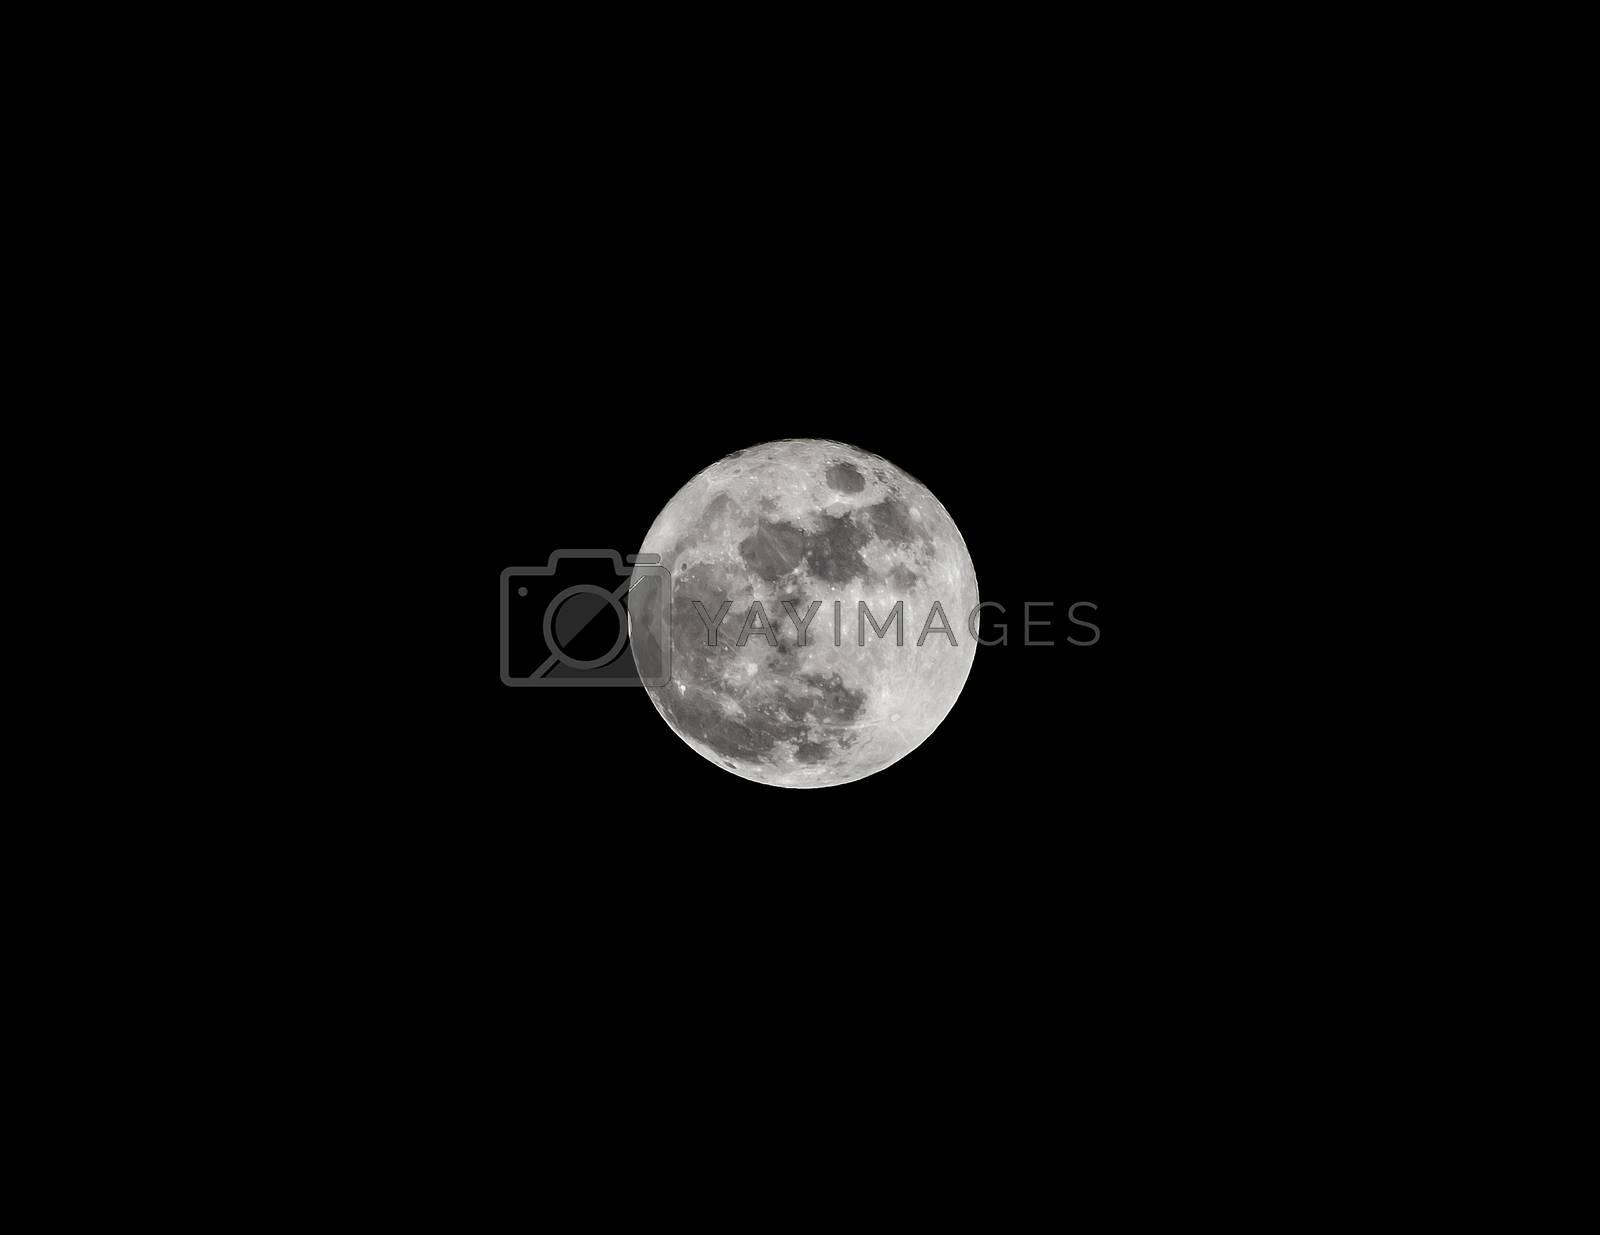 full Moon taken on black background